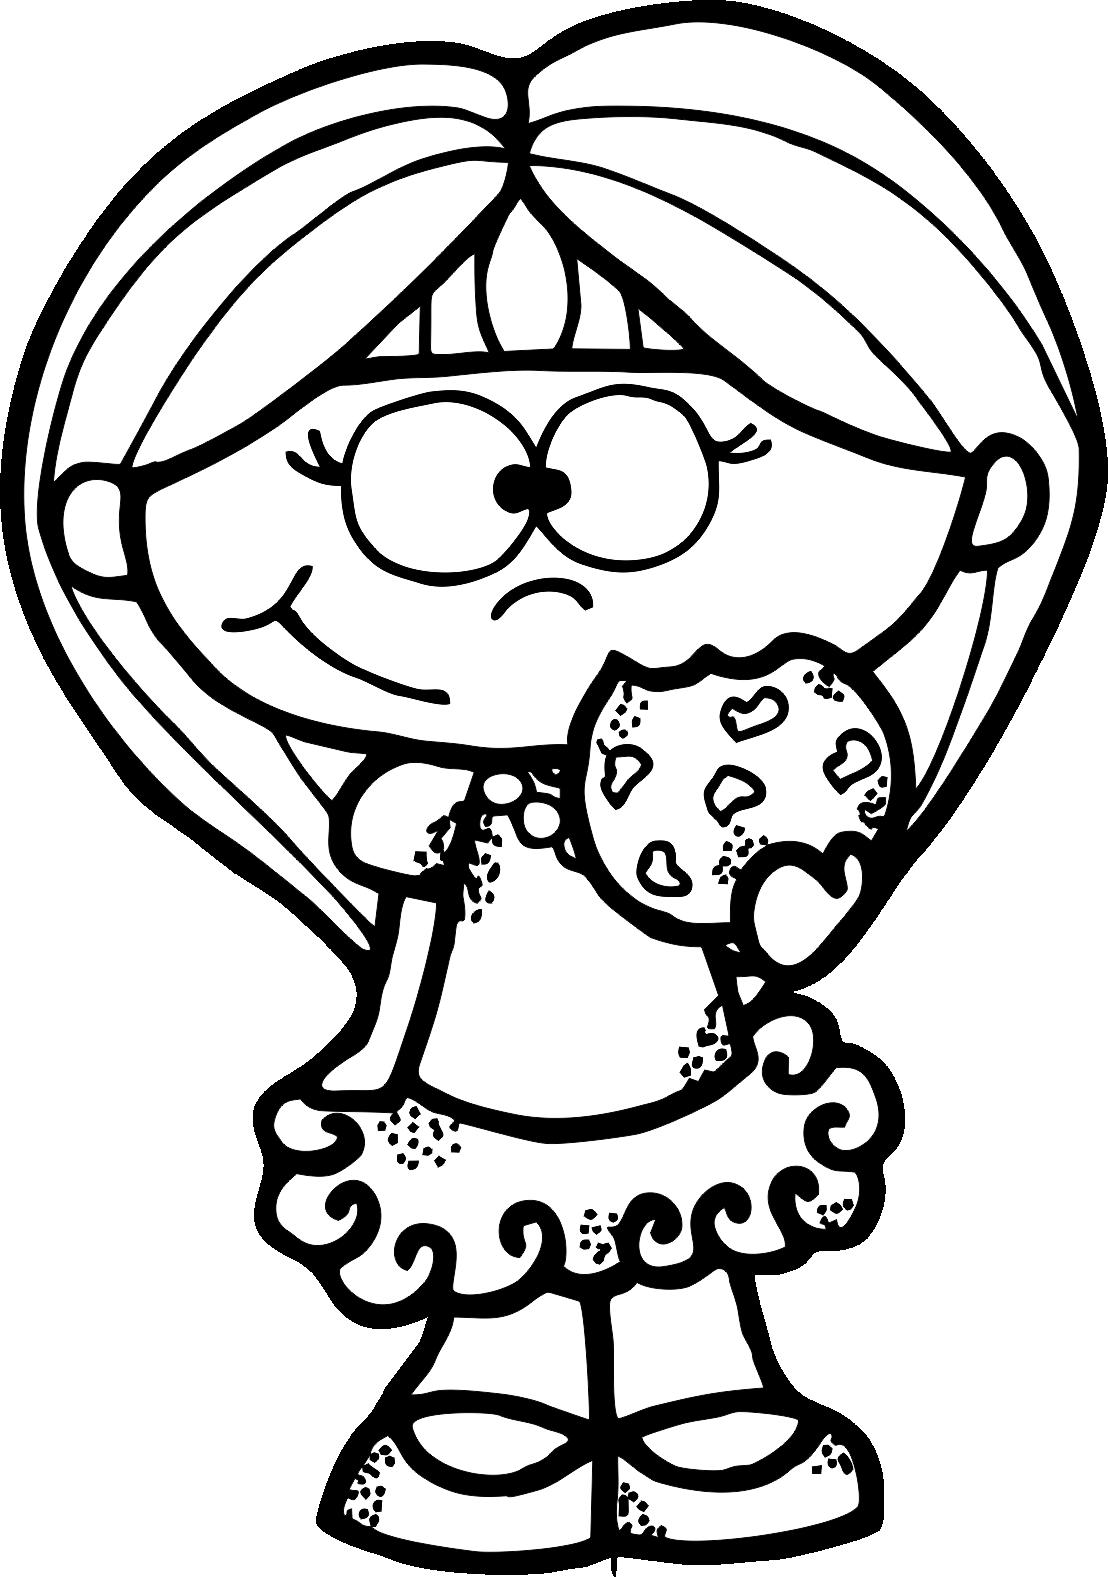 cookie+girl+bw.png (1108×1577) | okulöncesi | Pinterest | Clip art ...